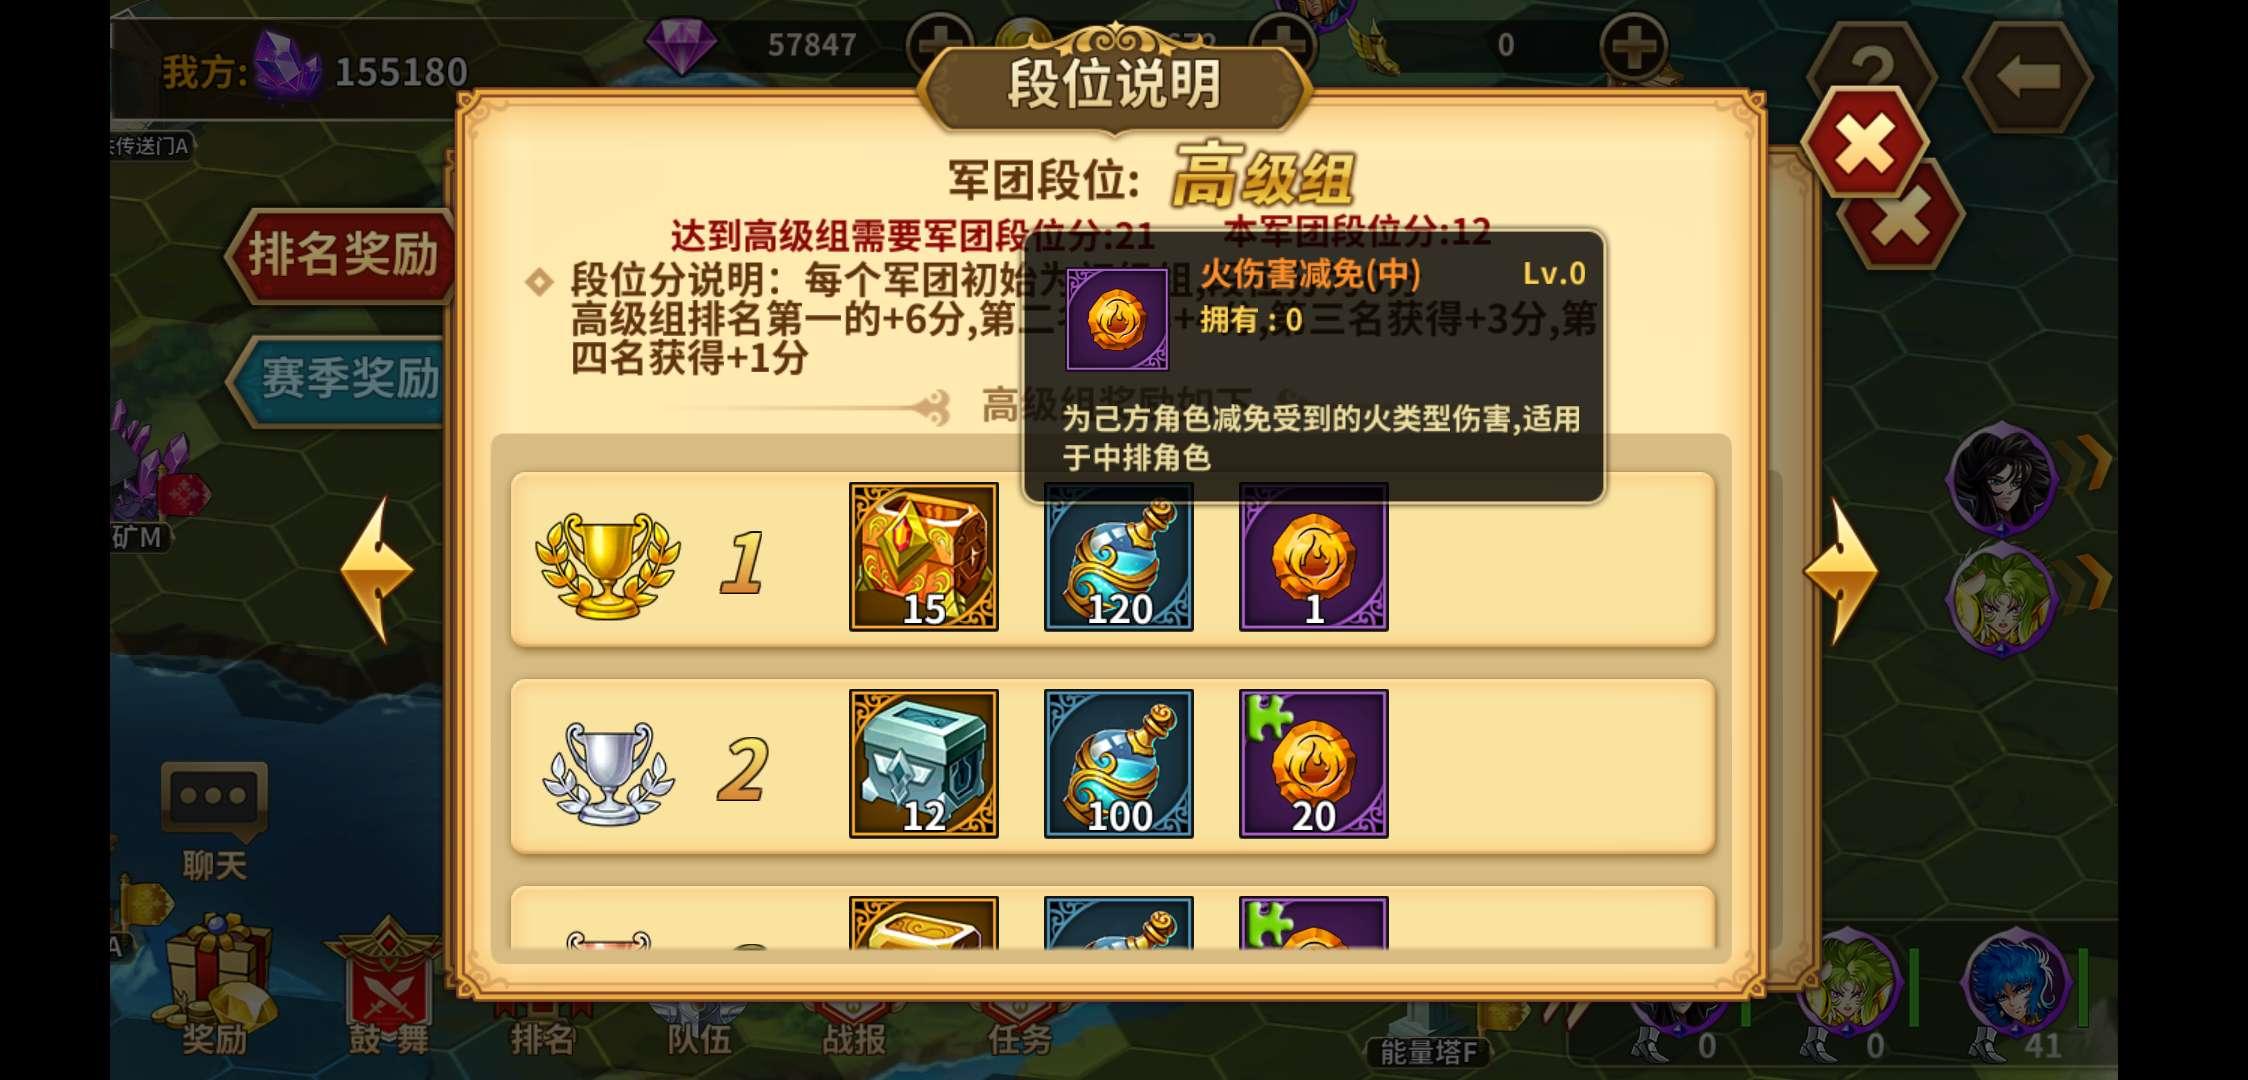 水晶奖励1.png